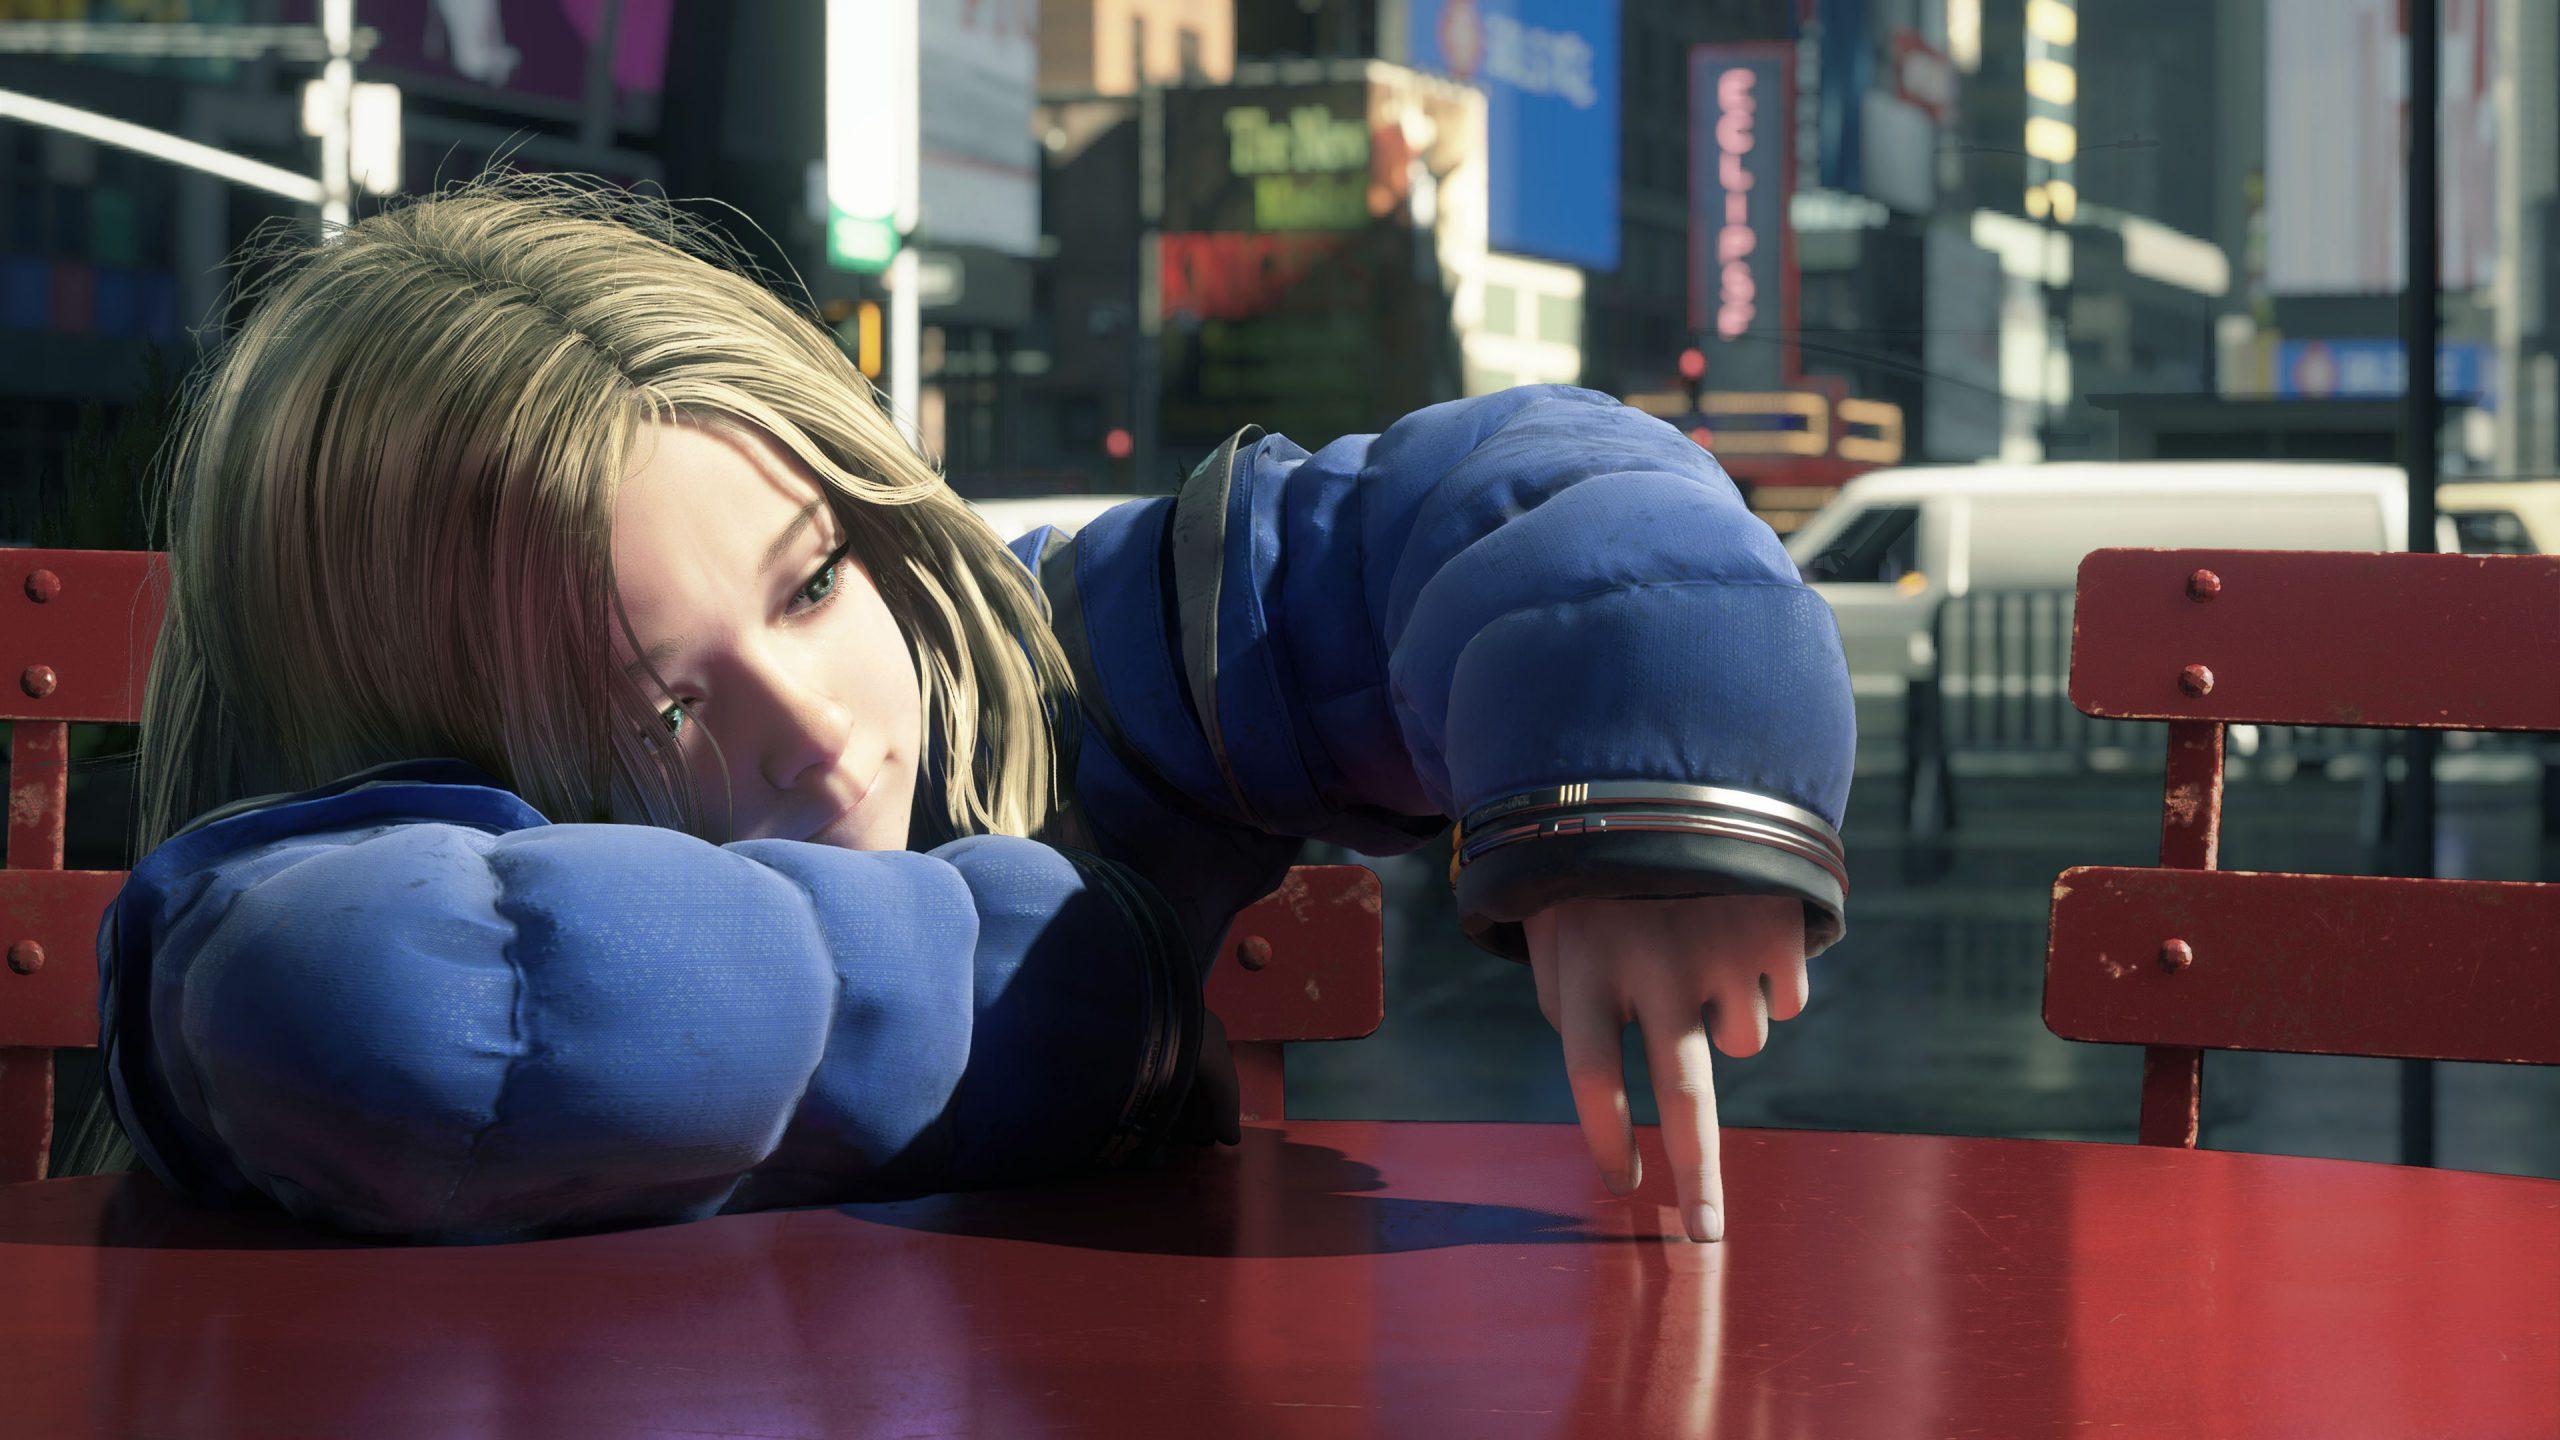 017 scaled - 【悲報】先日PS5発表会で紹介されたゲーム達が続々とマルチタイトルだと判明されるwwwwww